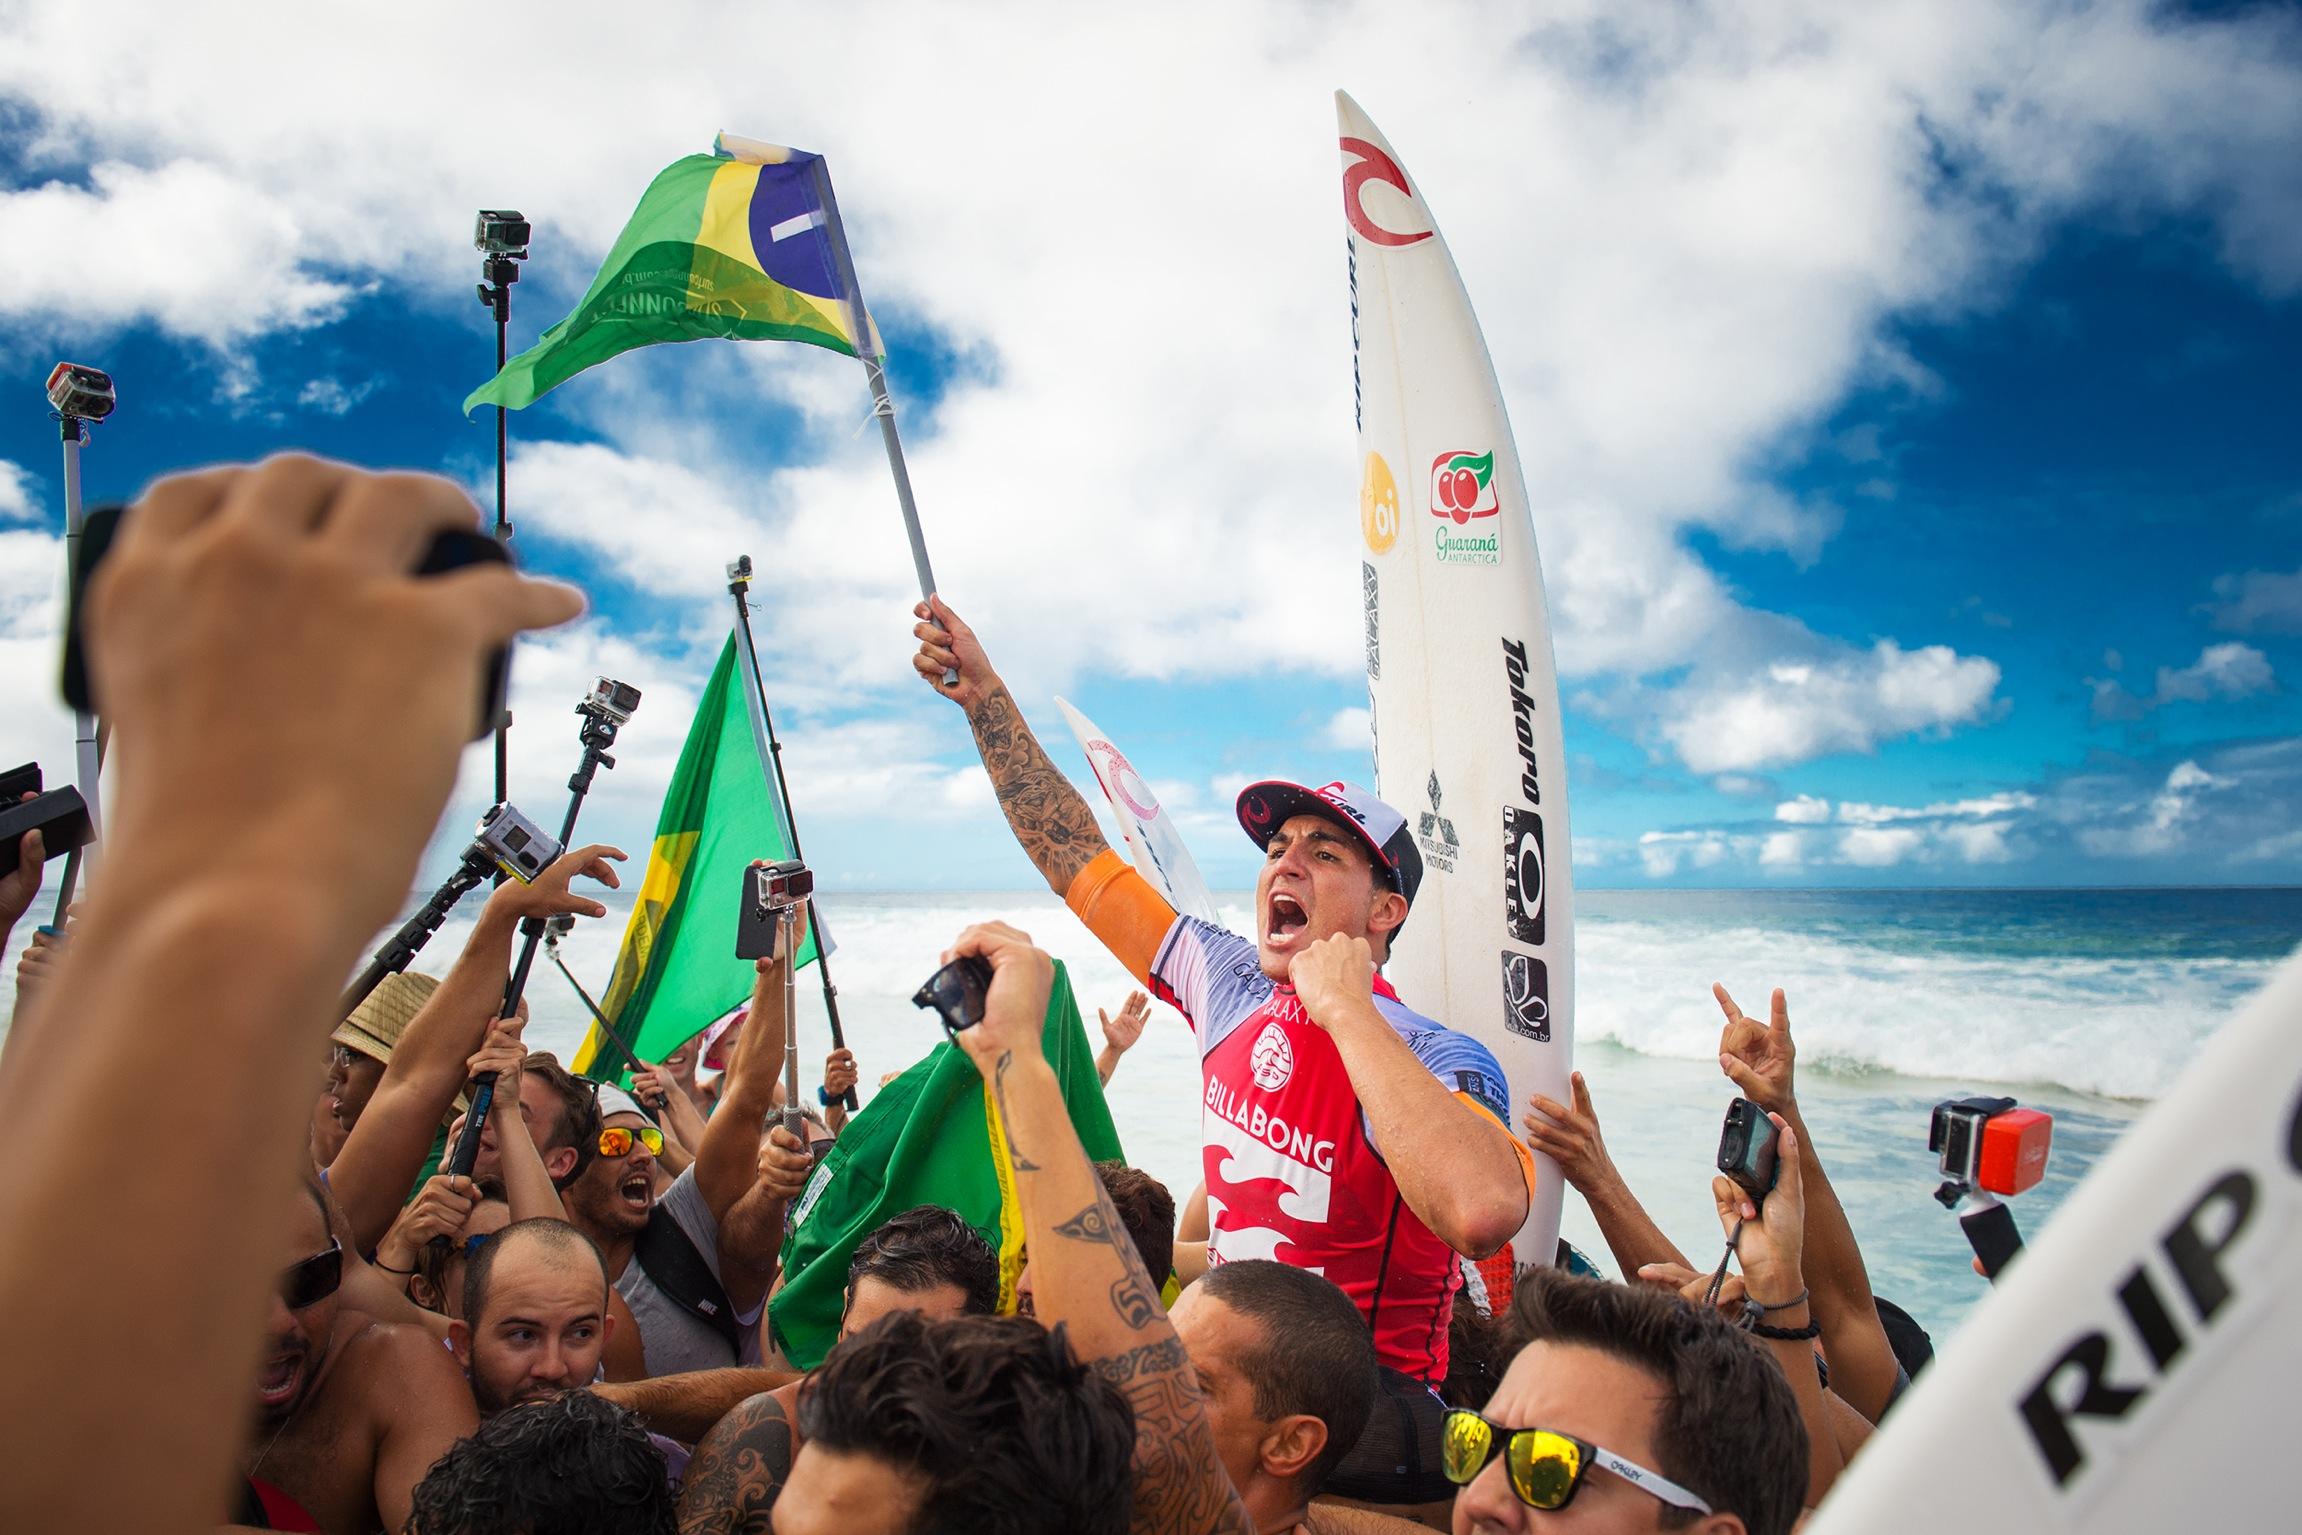 Gabriel medina nuevo campeon del mundo de surf 2014